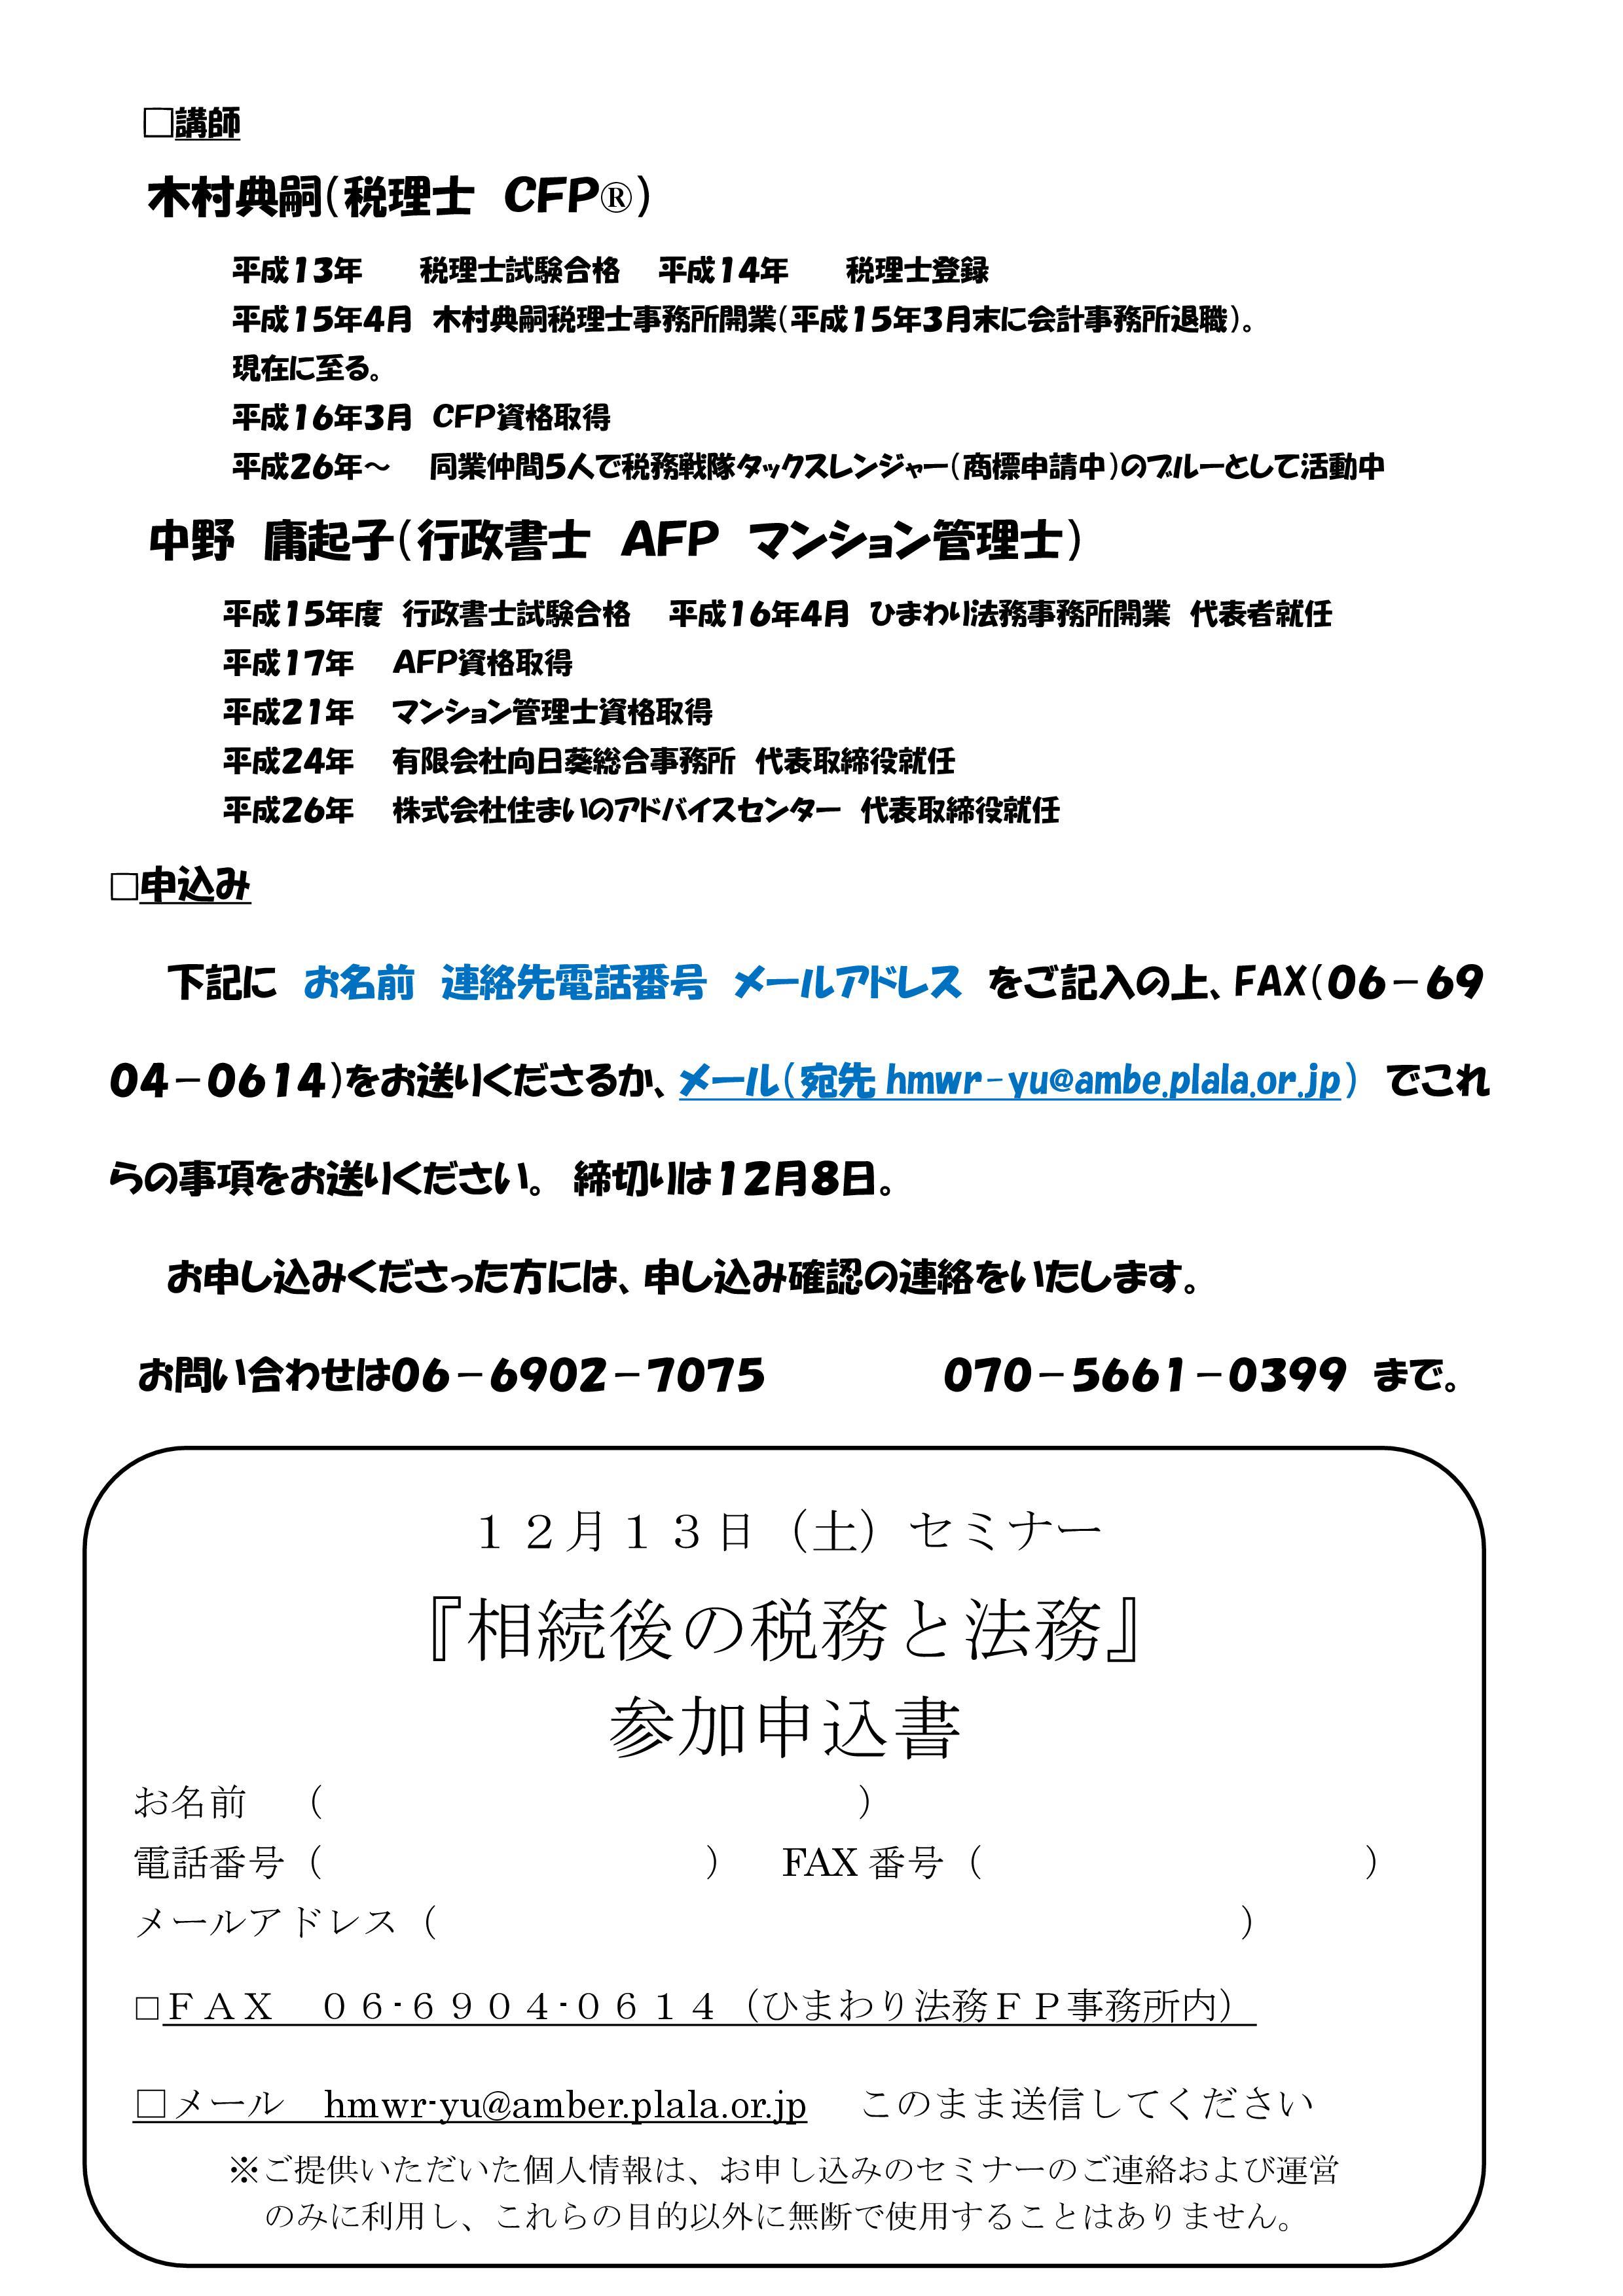 相続後の法務と税務コラボセミナーチラシ 26.12-002.jpg